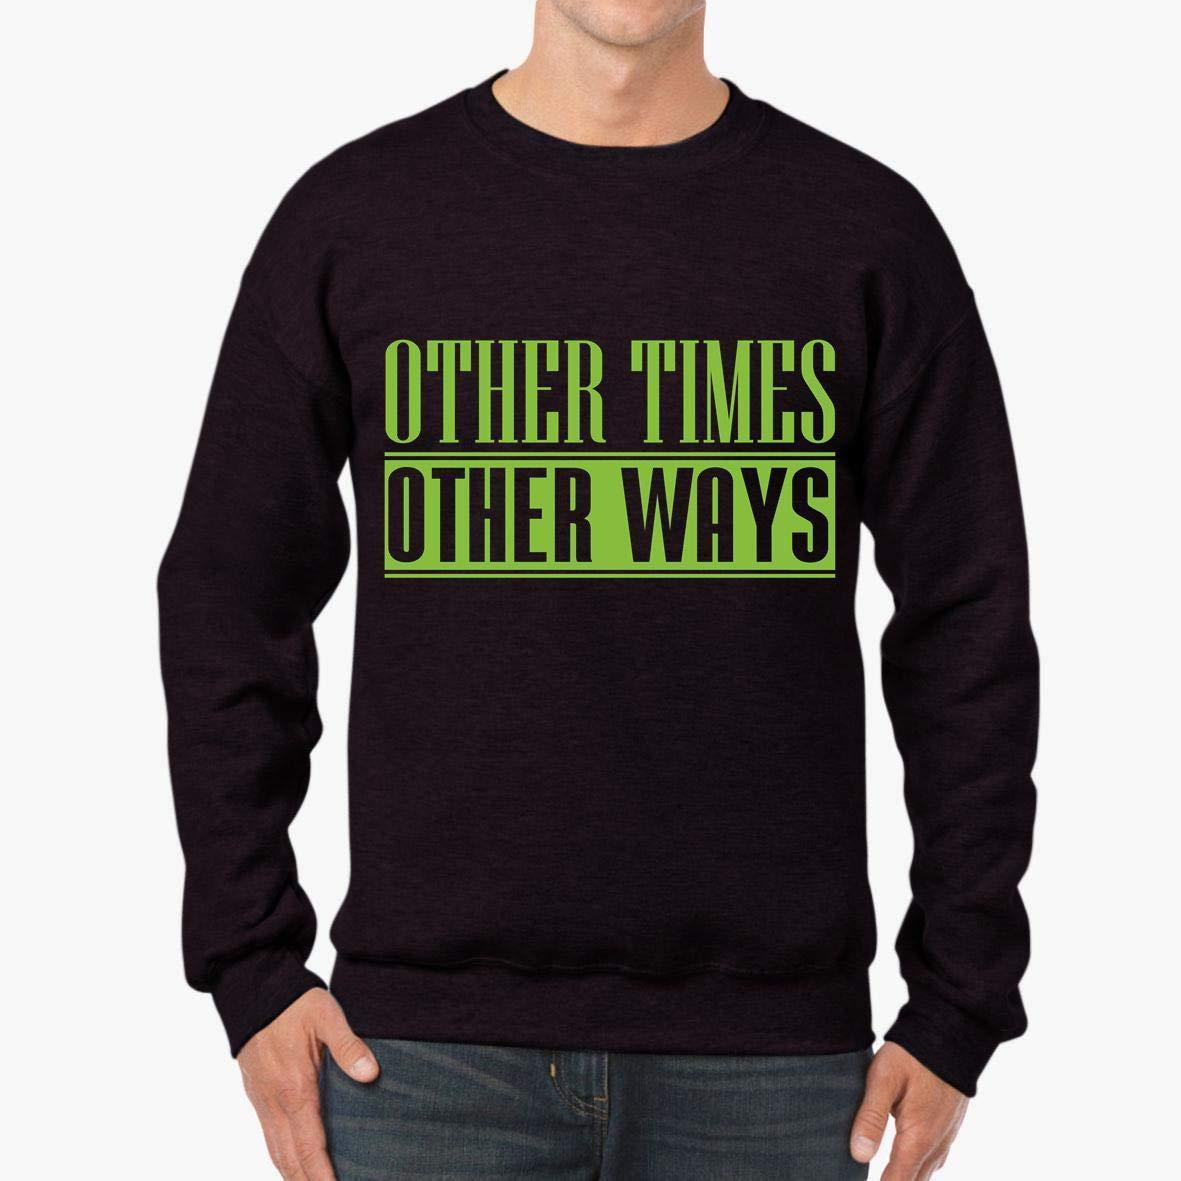 tee Other Times Other Ways Funny Unisex Sweatshirt